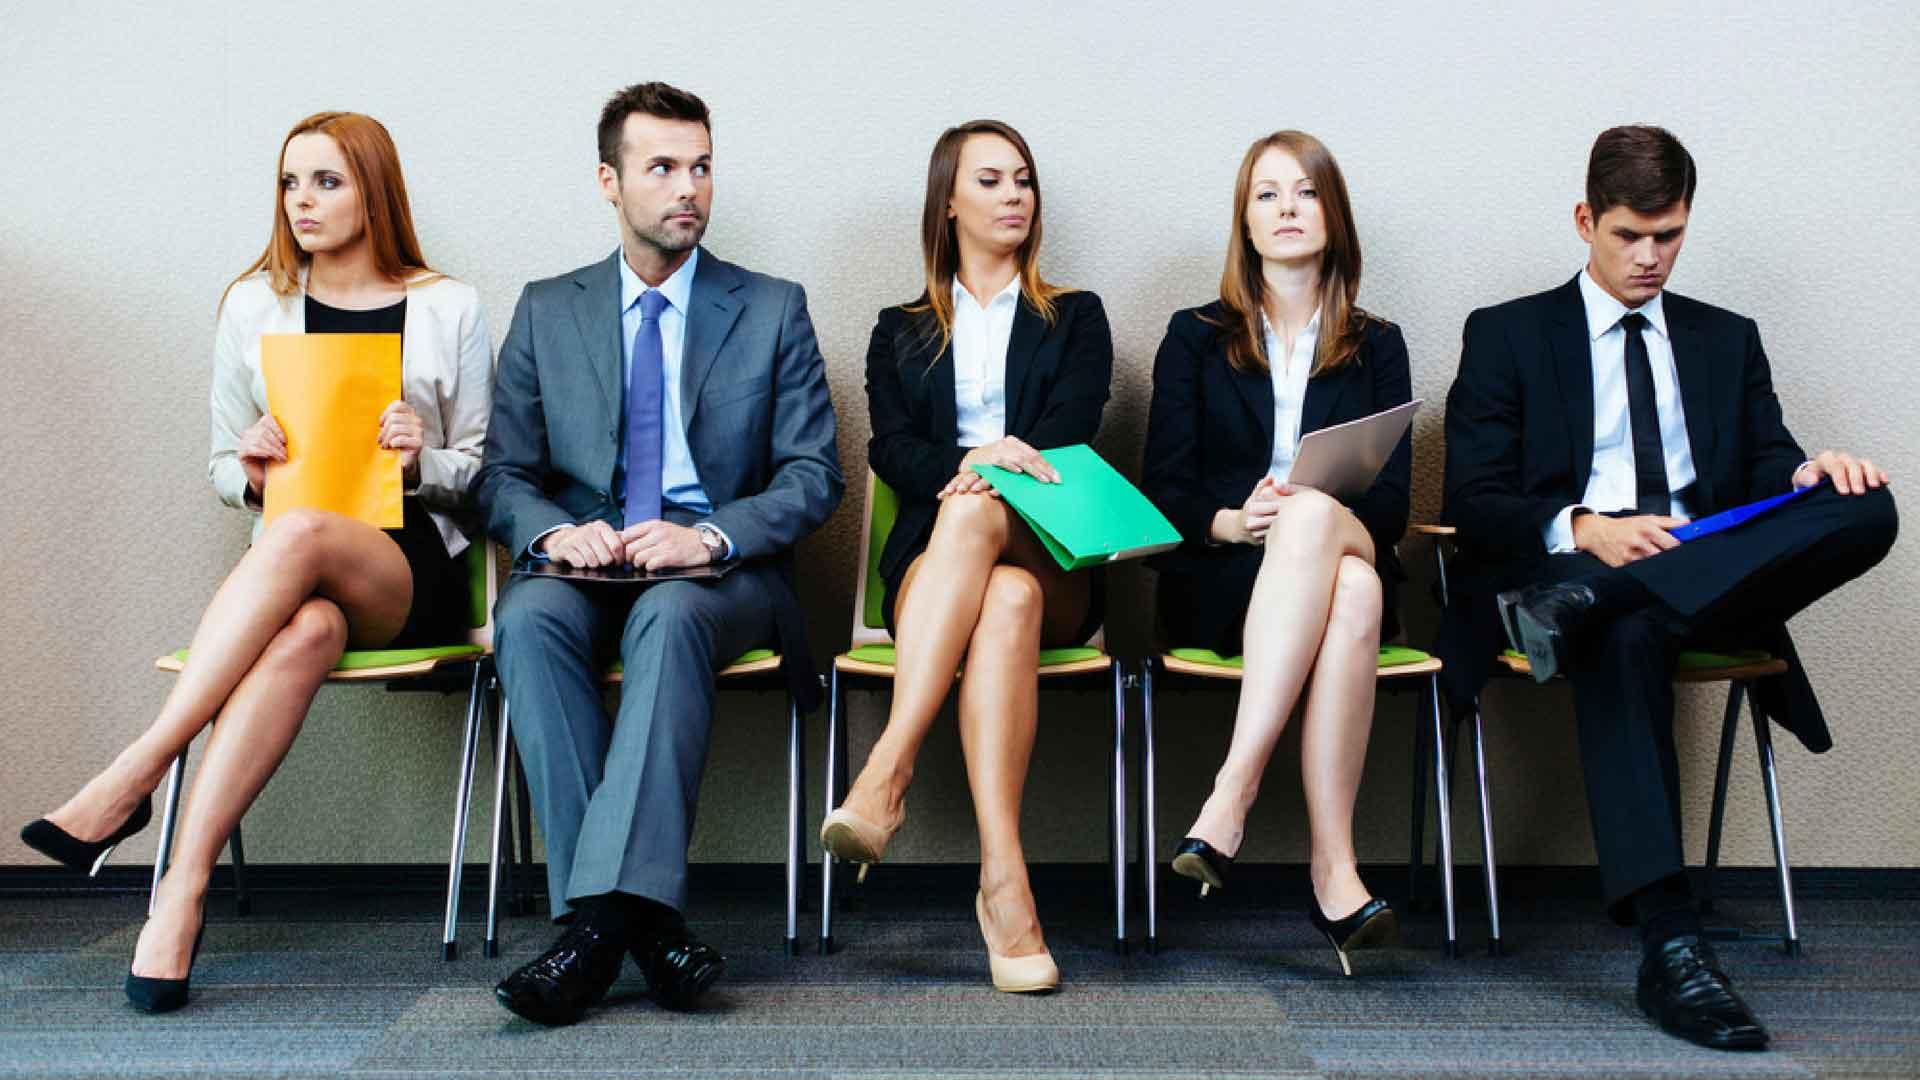 Вебинар: Привлечение на работу иностранных сотрудников